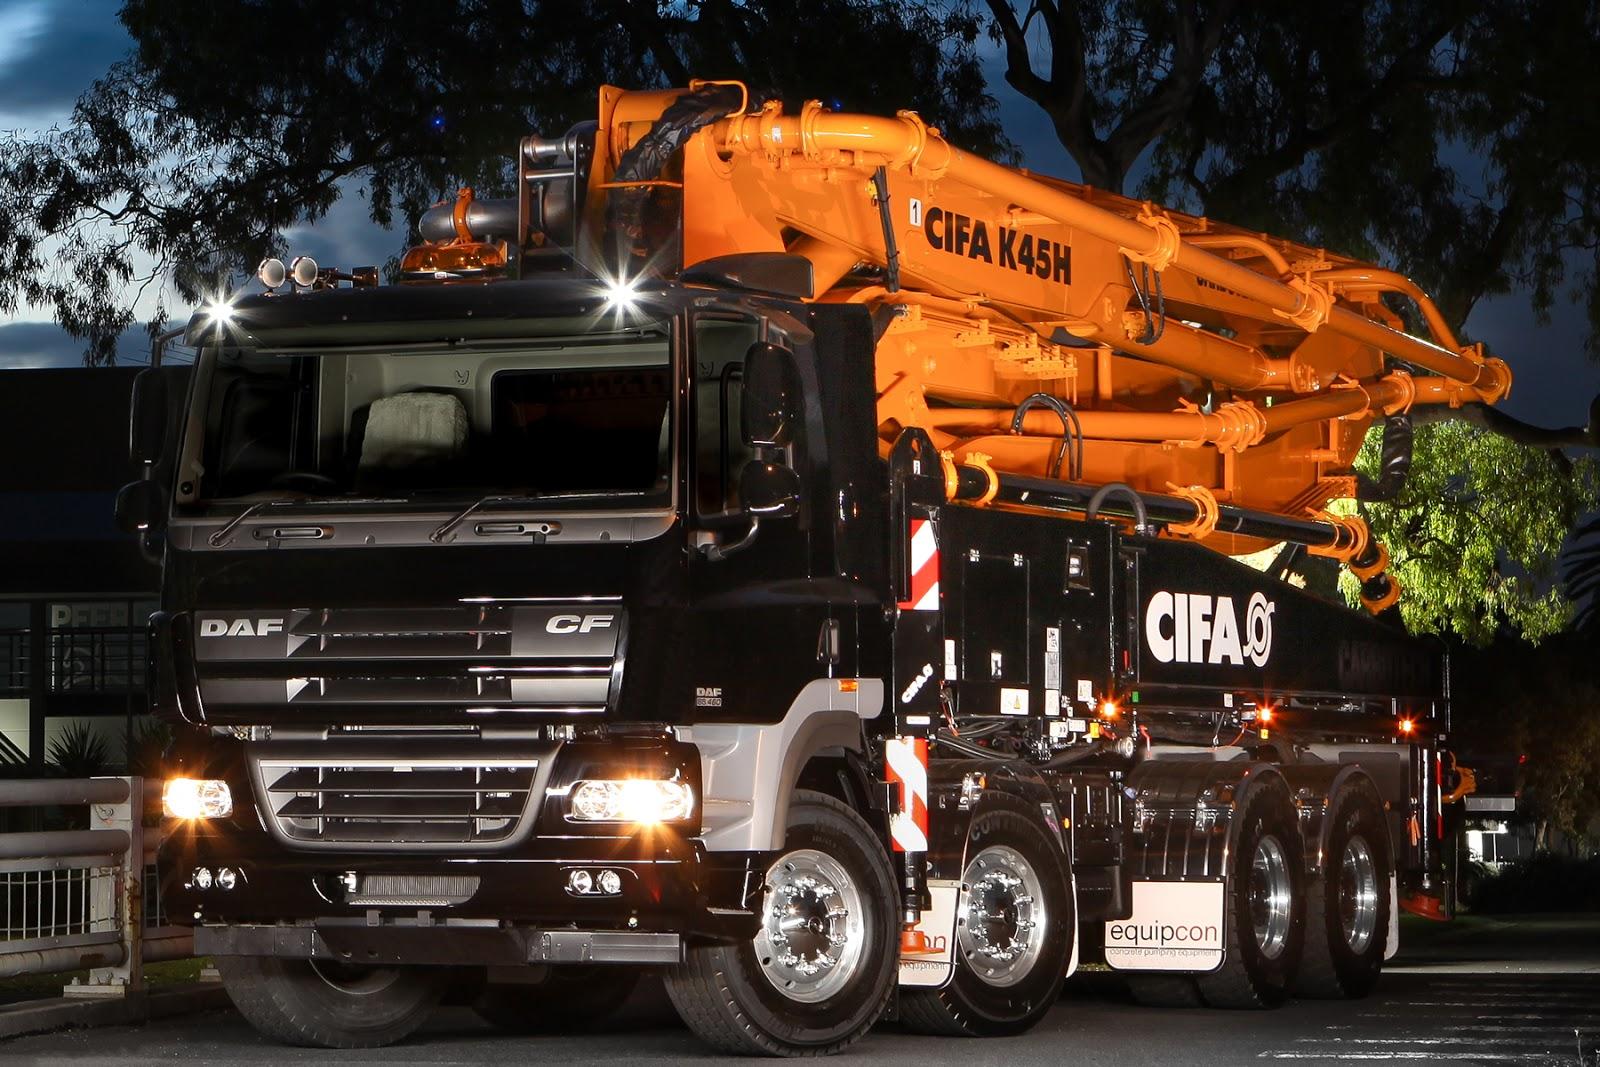 daf azienda  CIFA-K45H-Carbon-Fibre-Boom-Pump-Equipcon